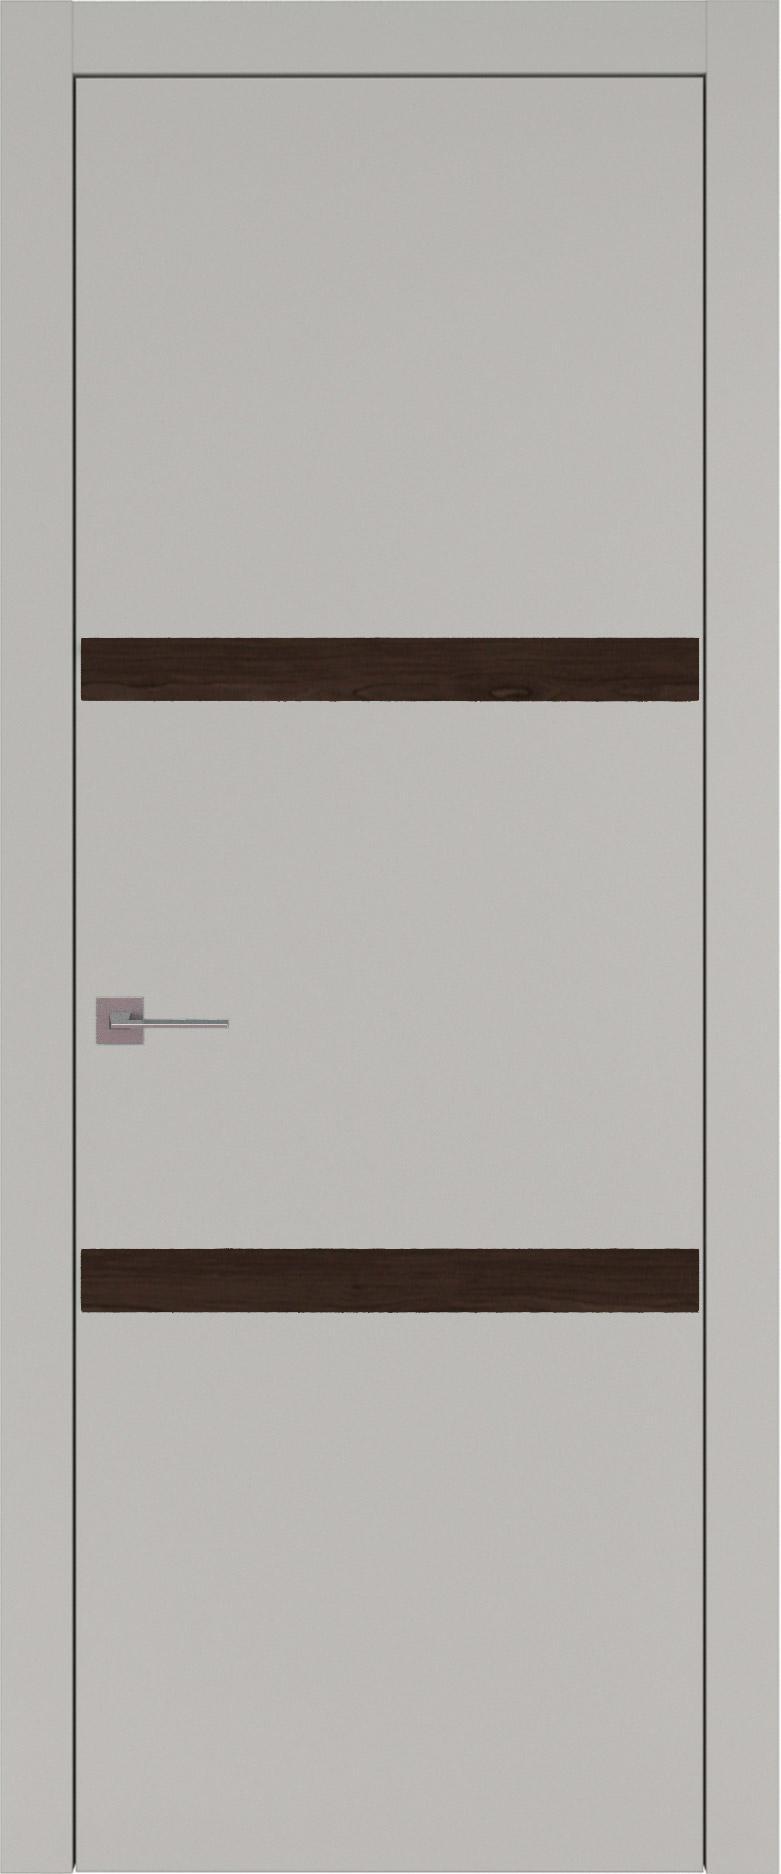 Tivoli В-4 цвет - Серая эмаль (RAL 7047) Без стекла (ДГ)